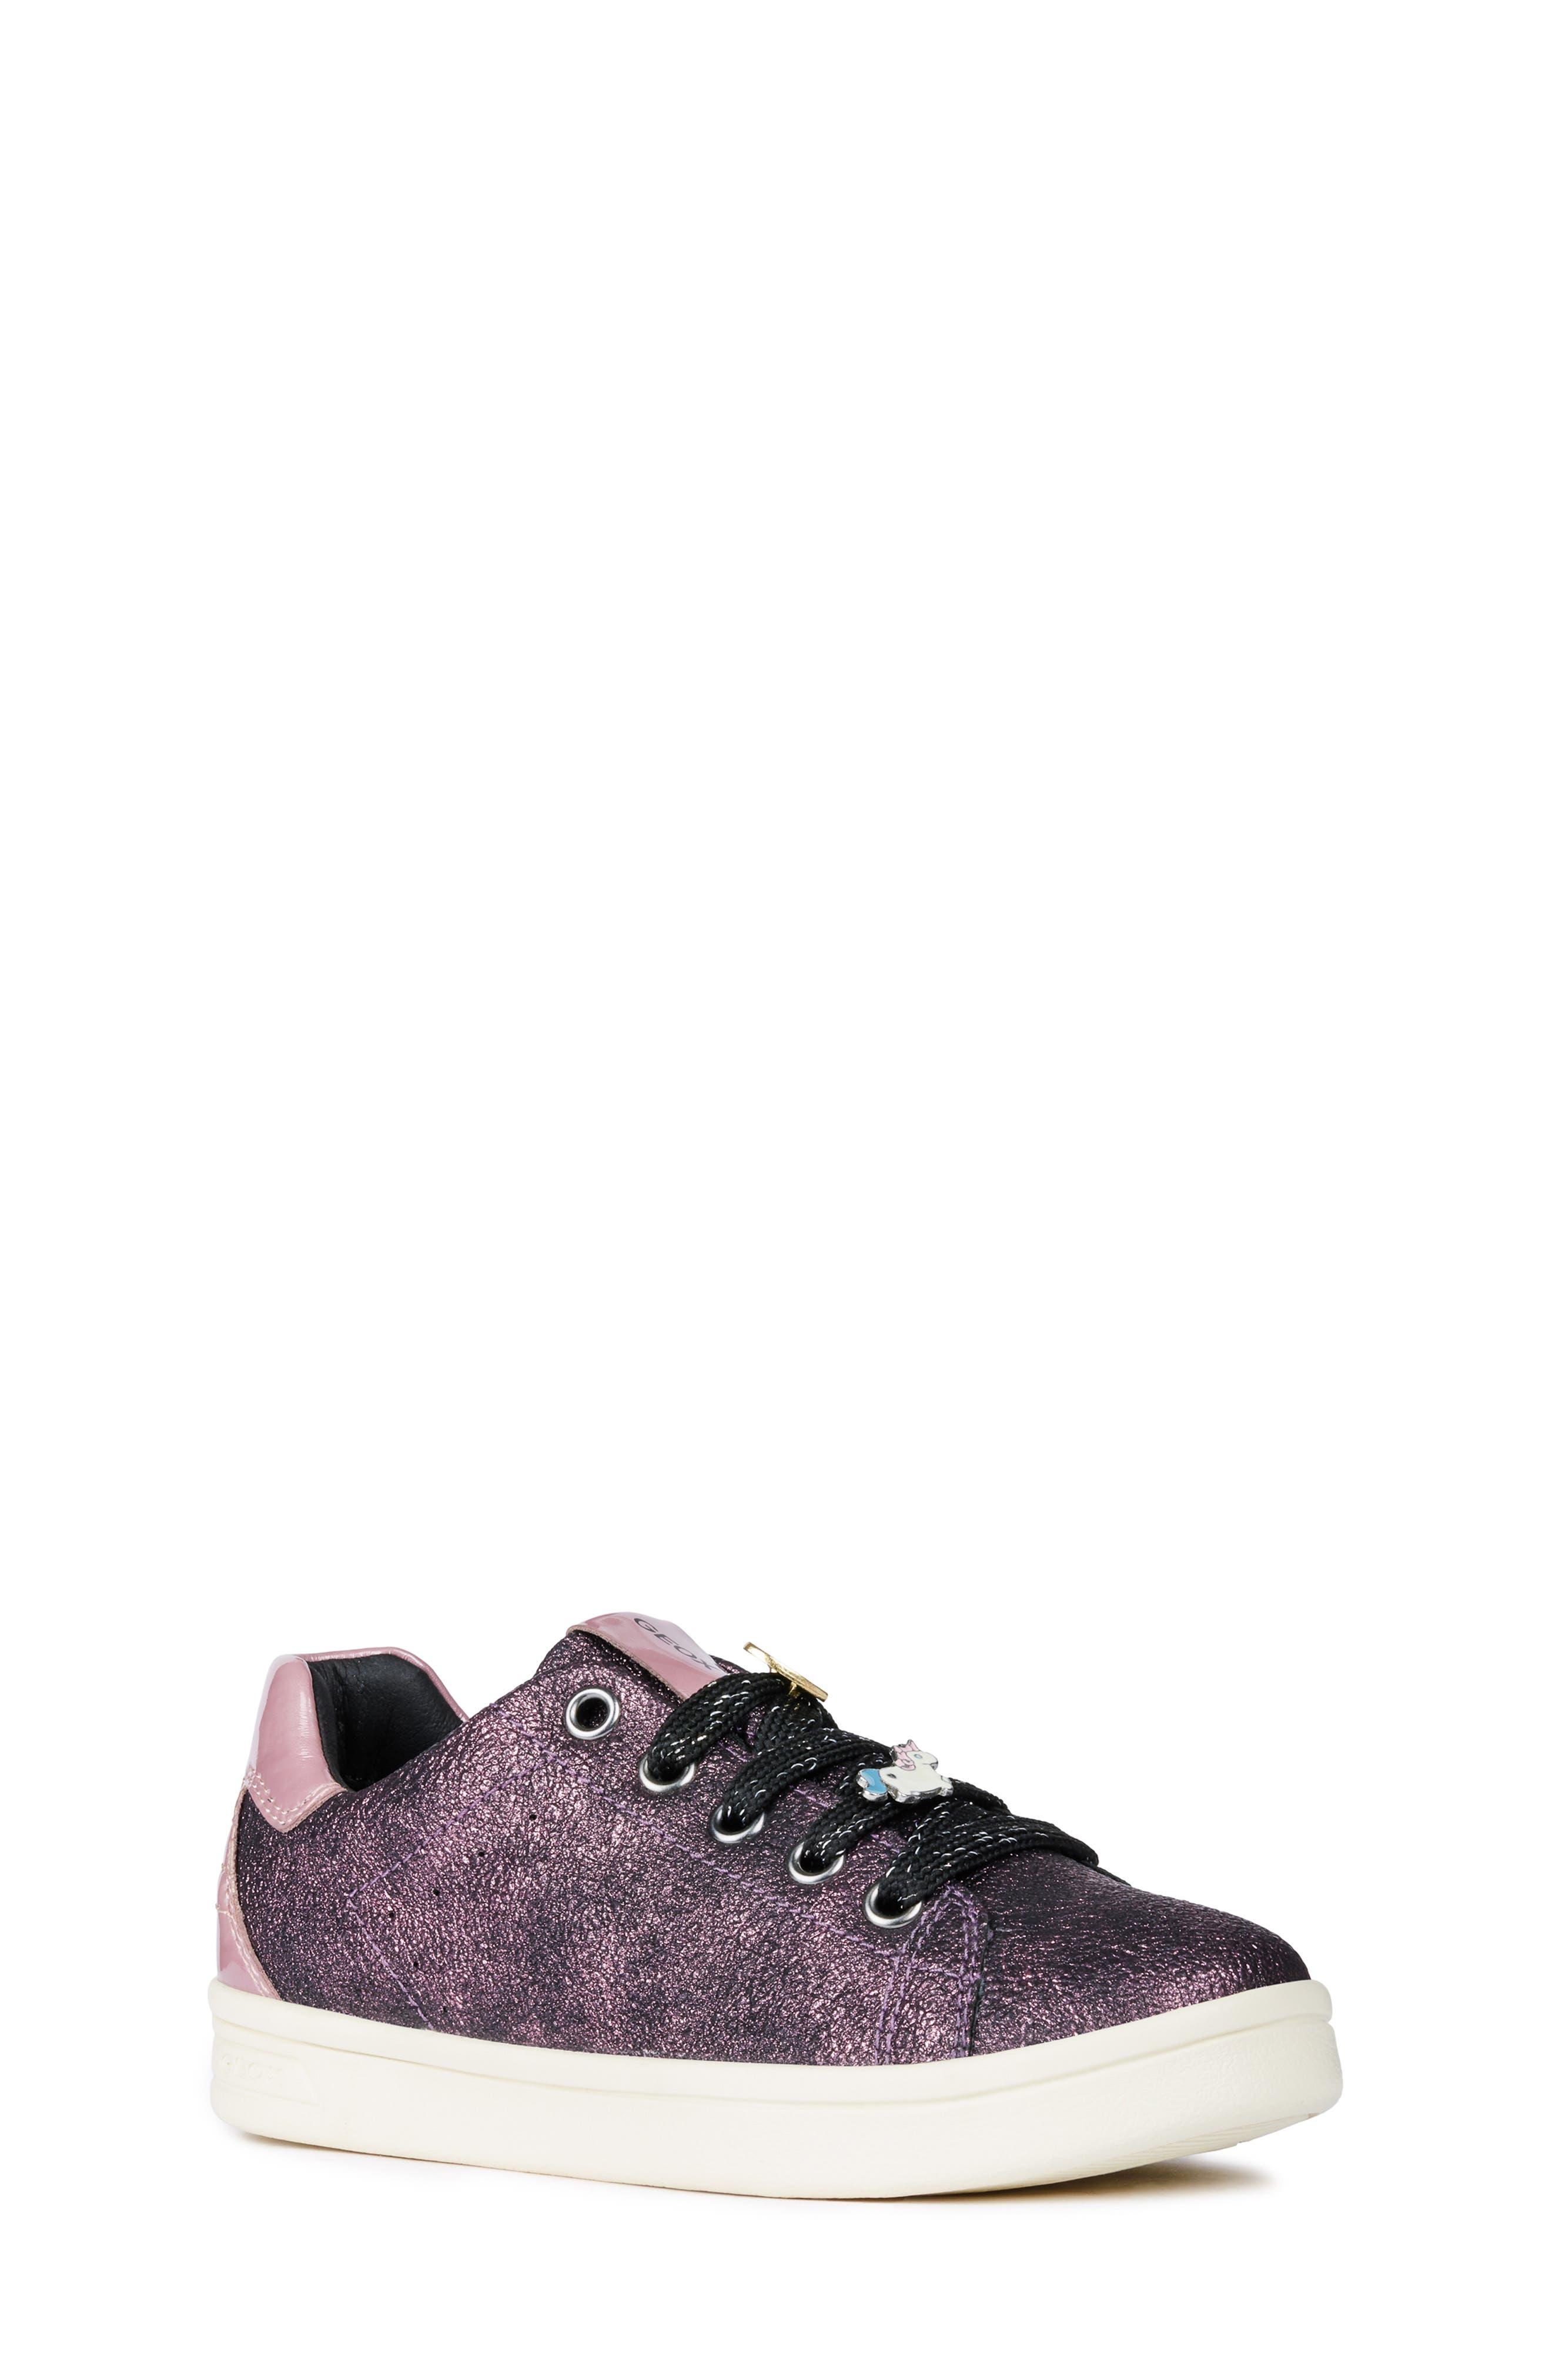 GEOX DJ Rock Metallic Sneaker, Main, color, DARK ROSE